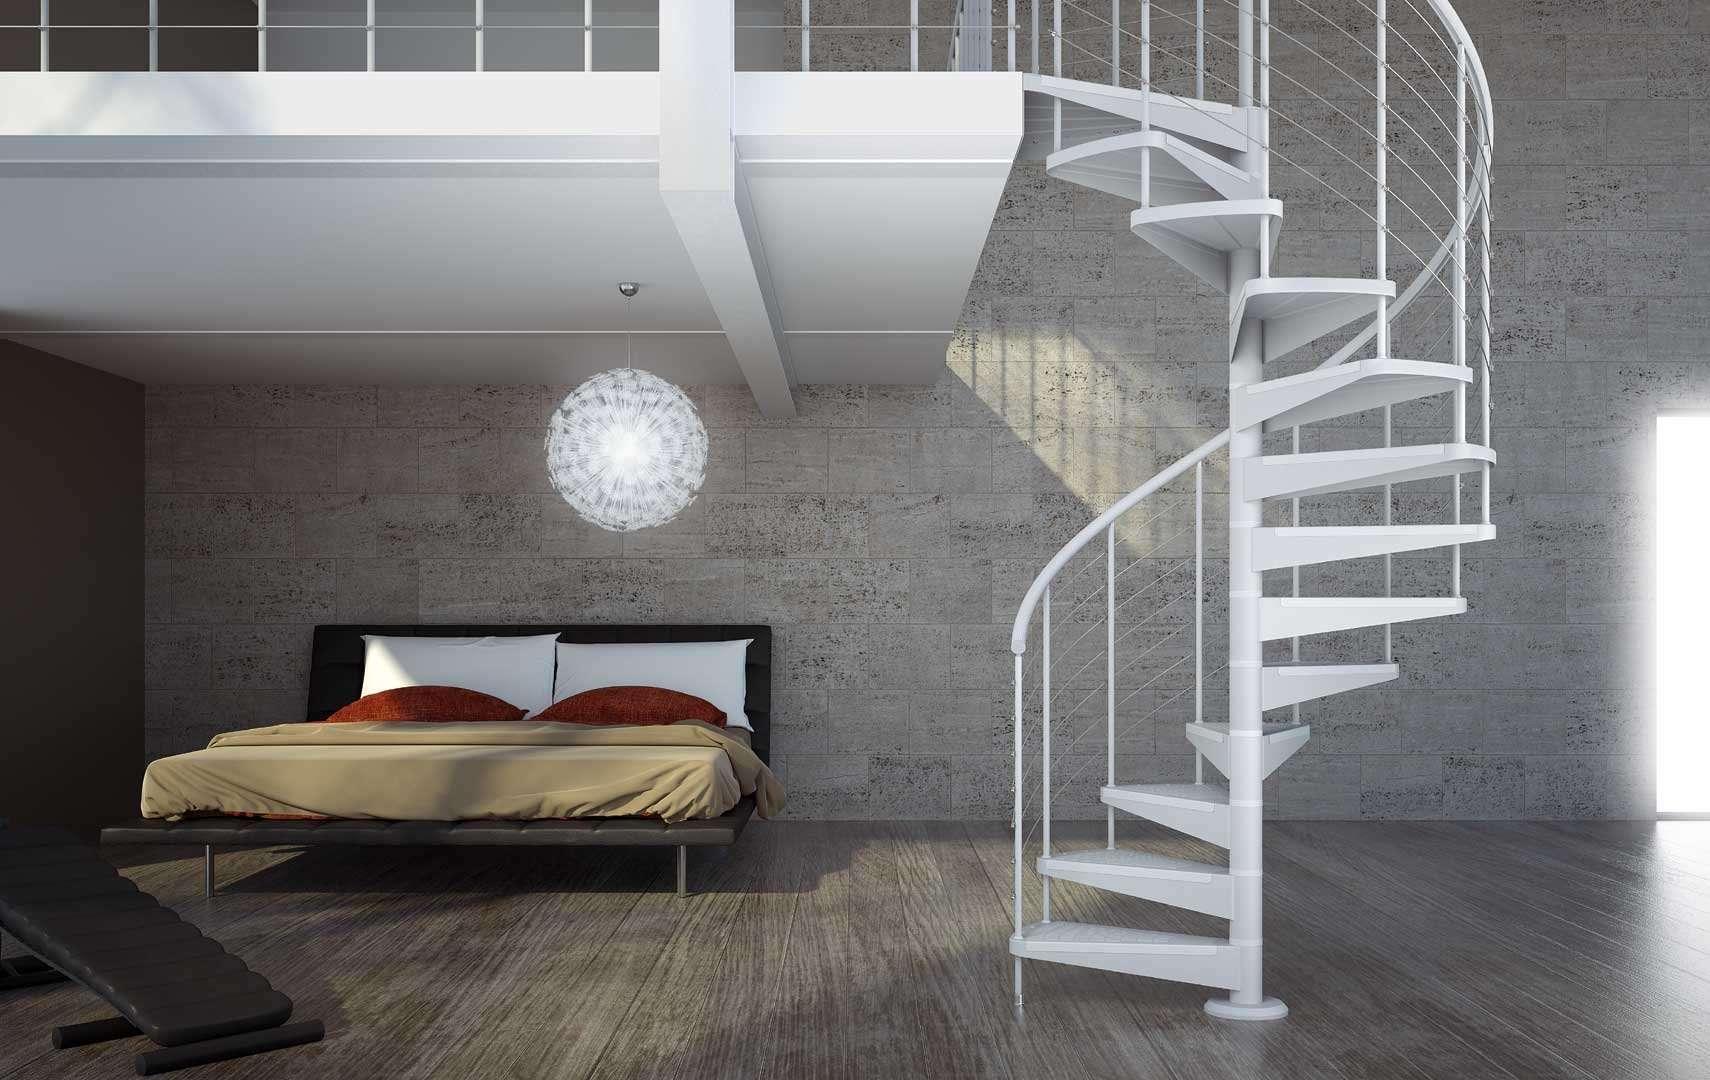 Star ampia scelta di scale a chiocciola e scale elicoidali in legno per interni con - Scale a chiocciola bari ...